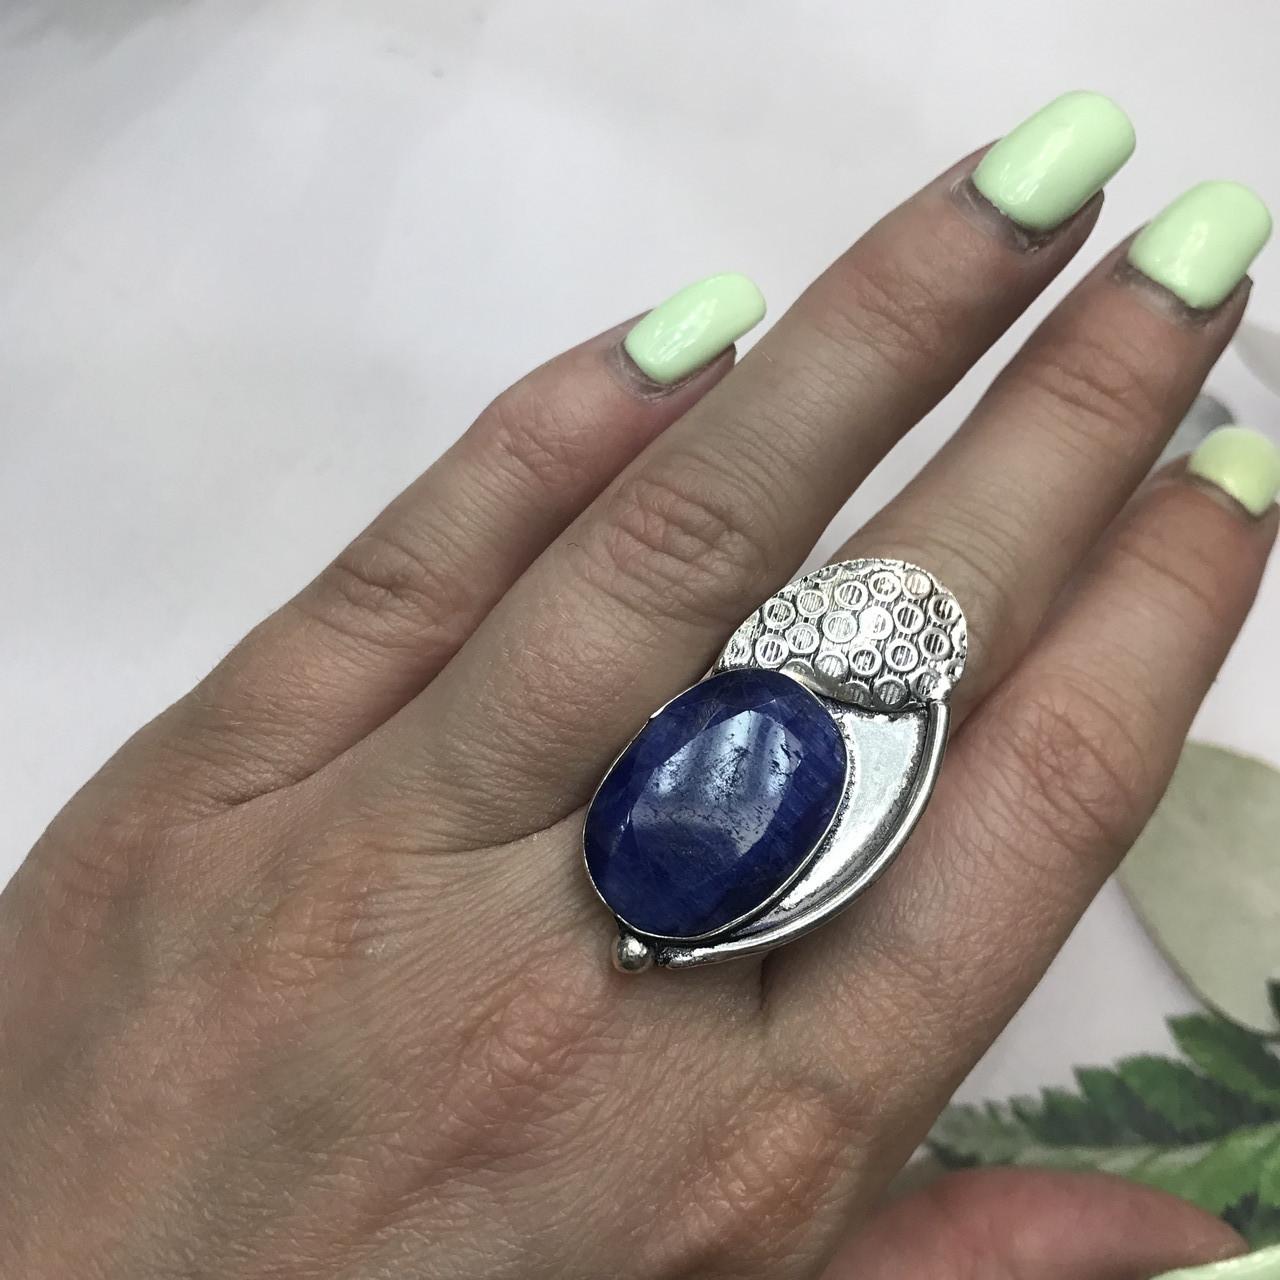 Сапфир кольцо 16,5 размер кольцо с камнем индийский сапфир в серебре кольцо с сапфиром.